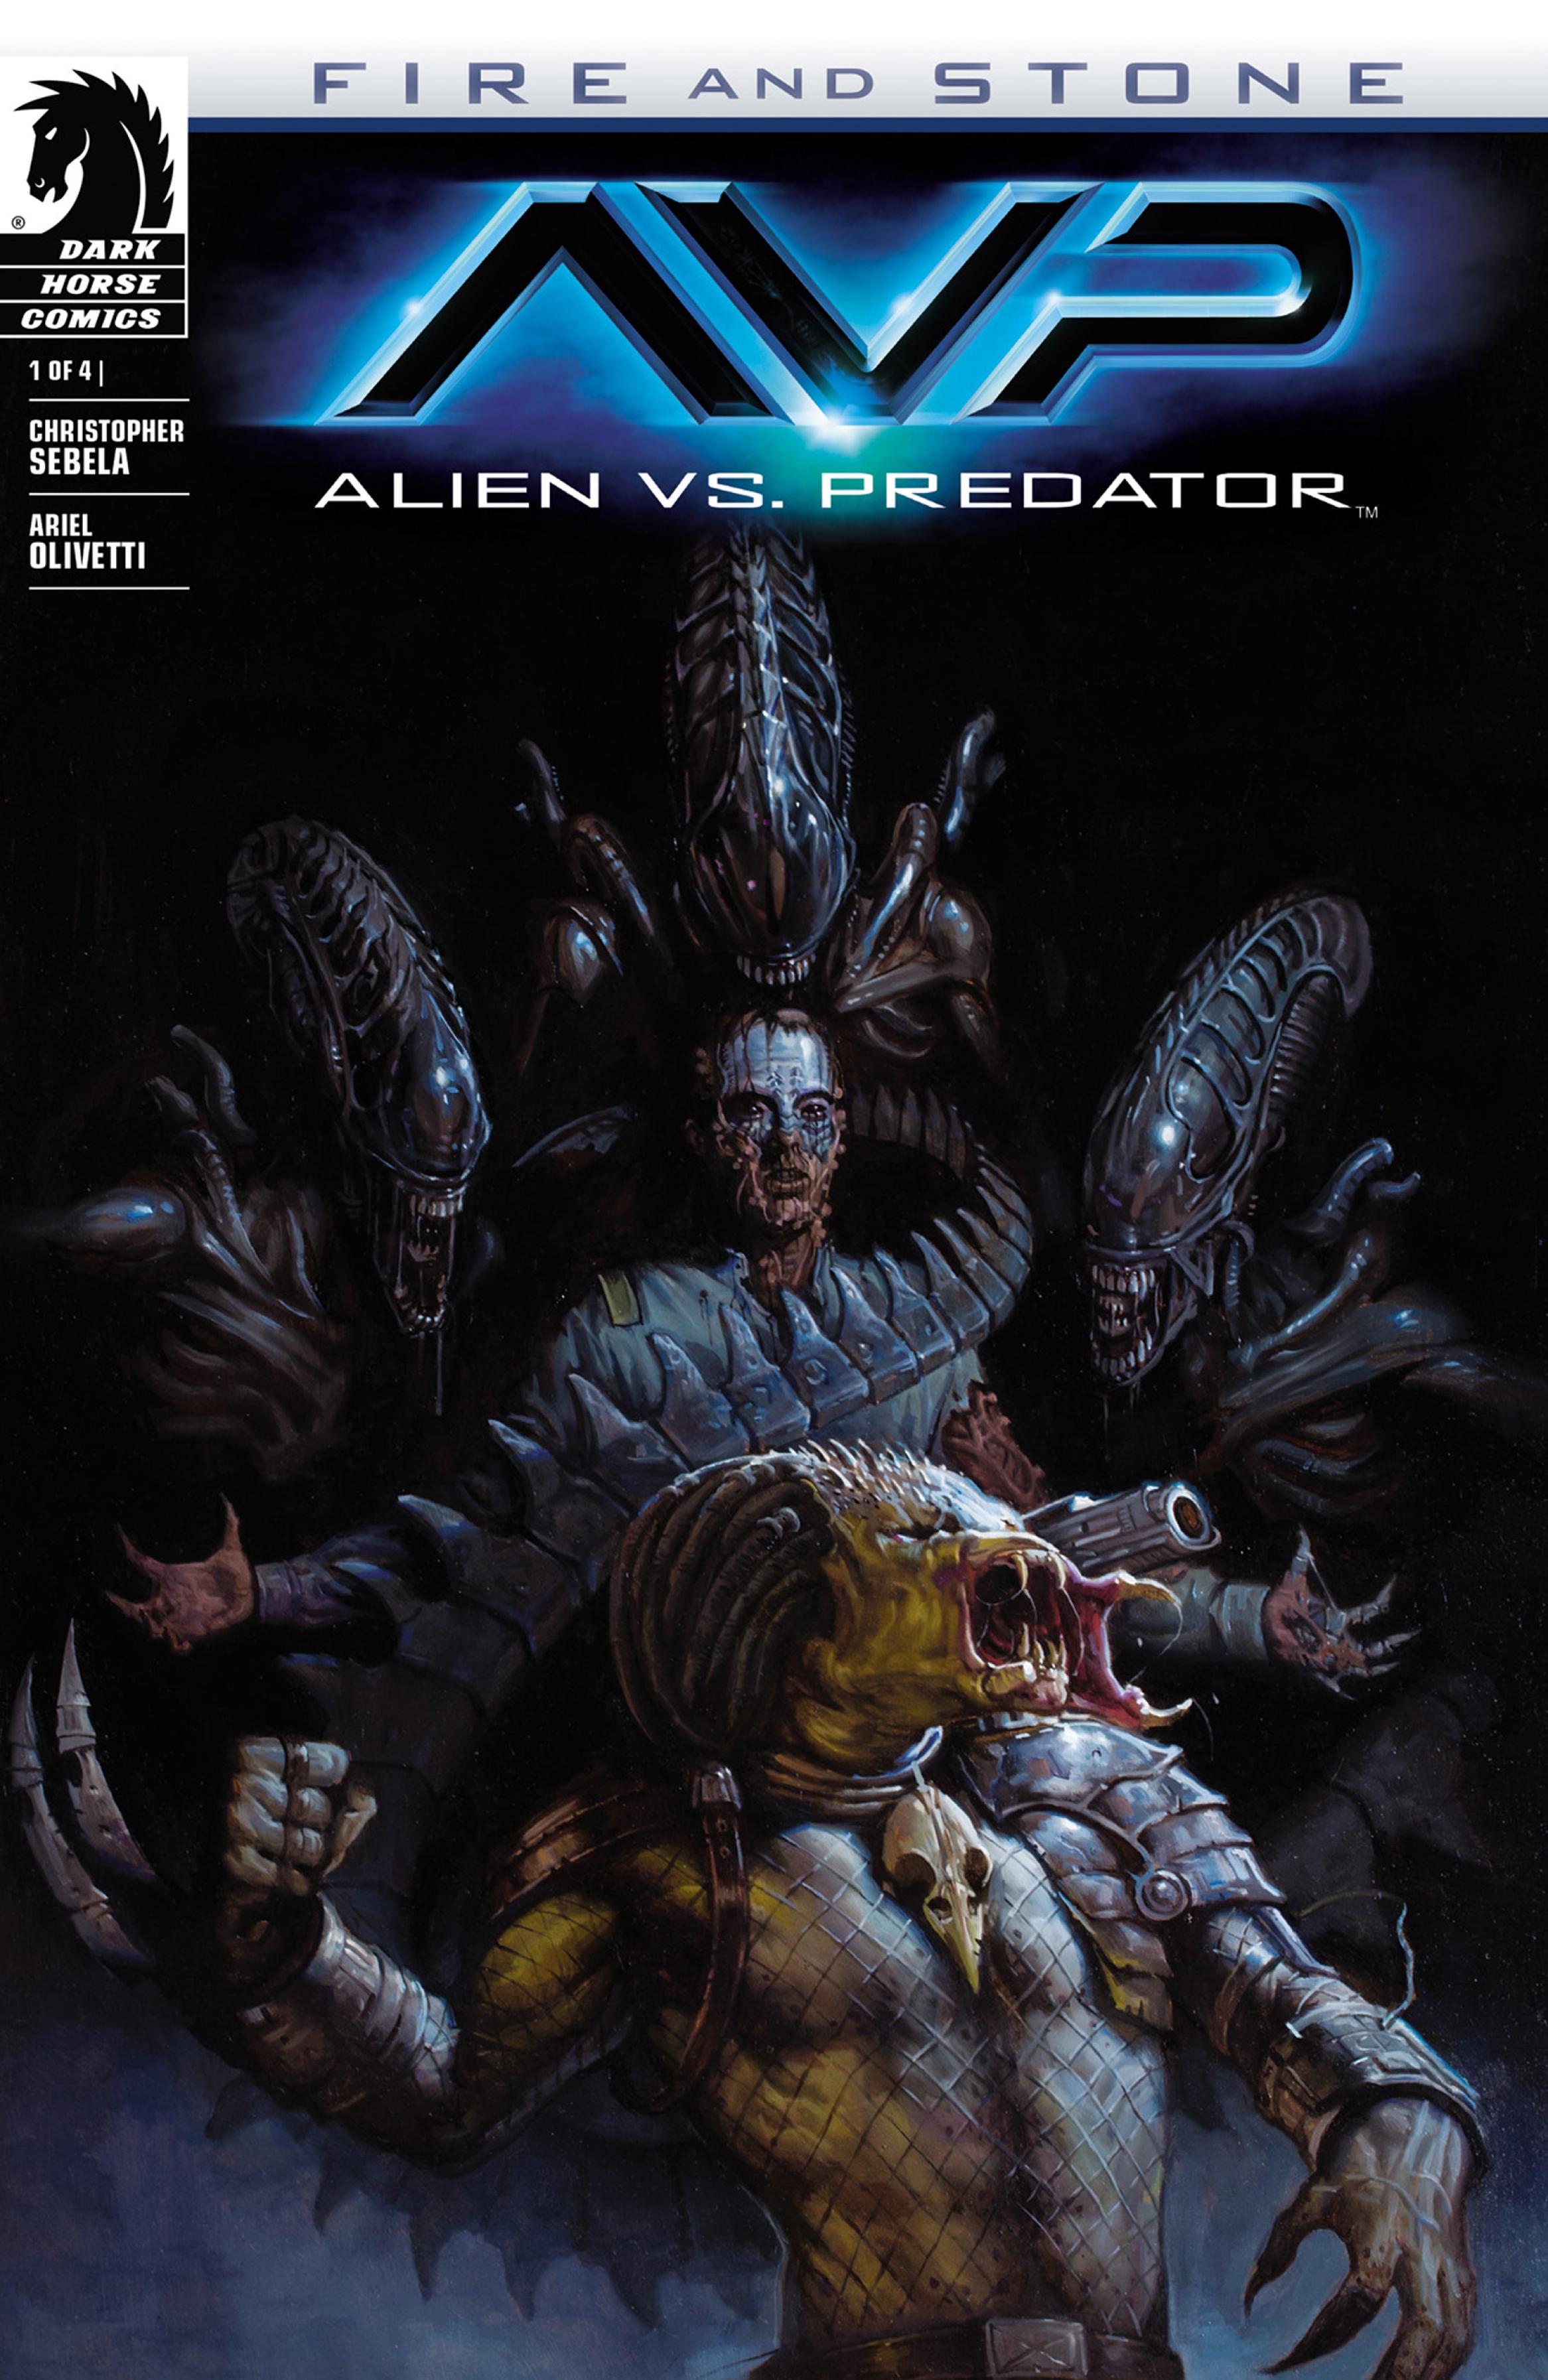 Alien Vs Predator: Fire and Stone #1